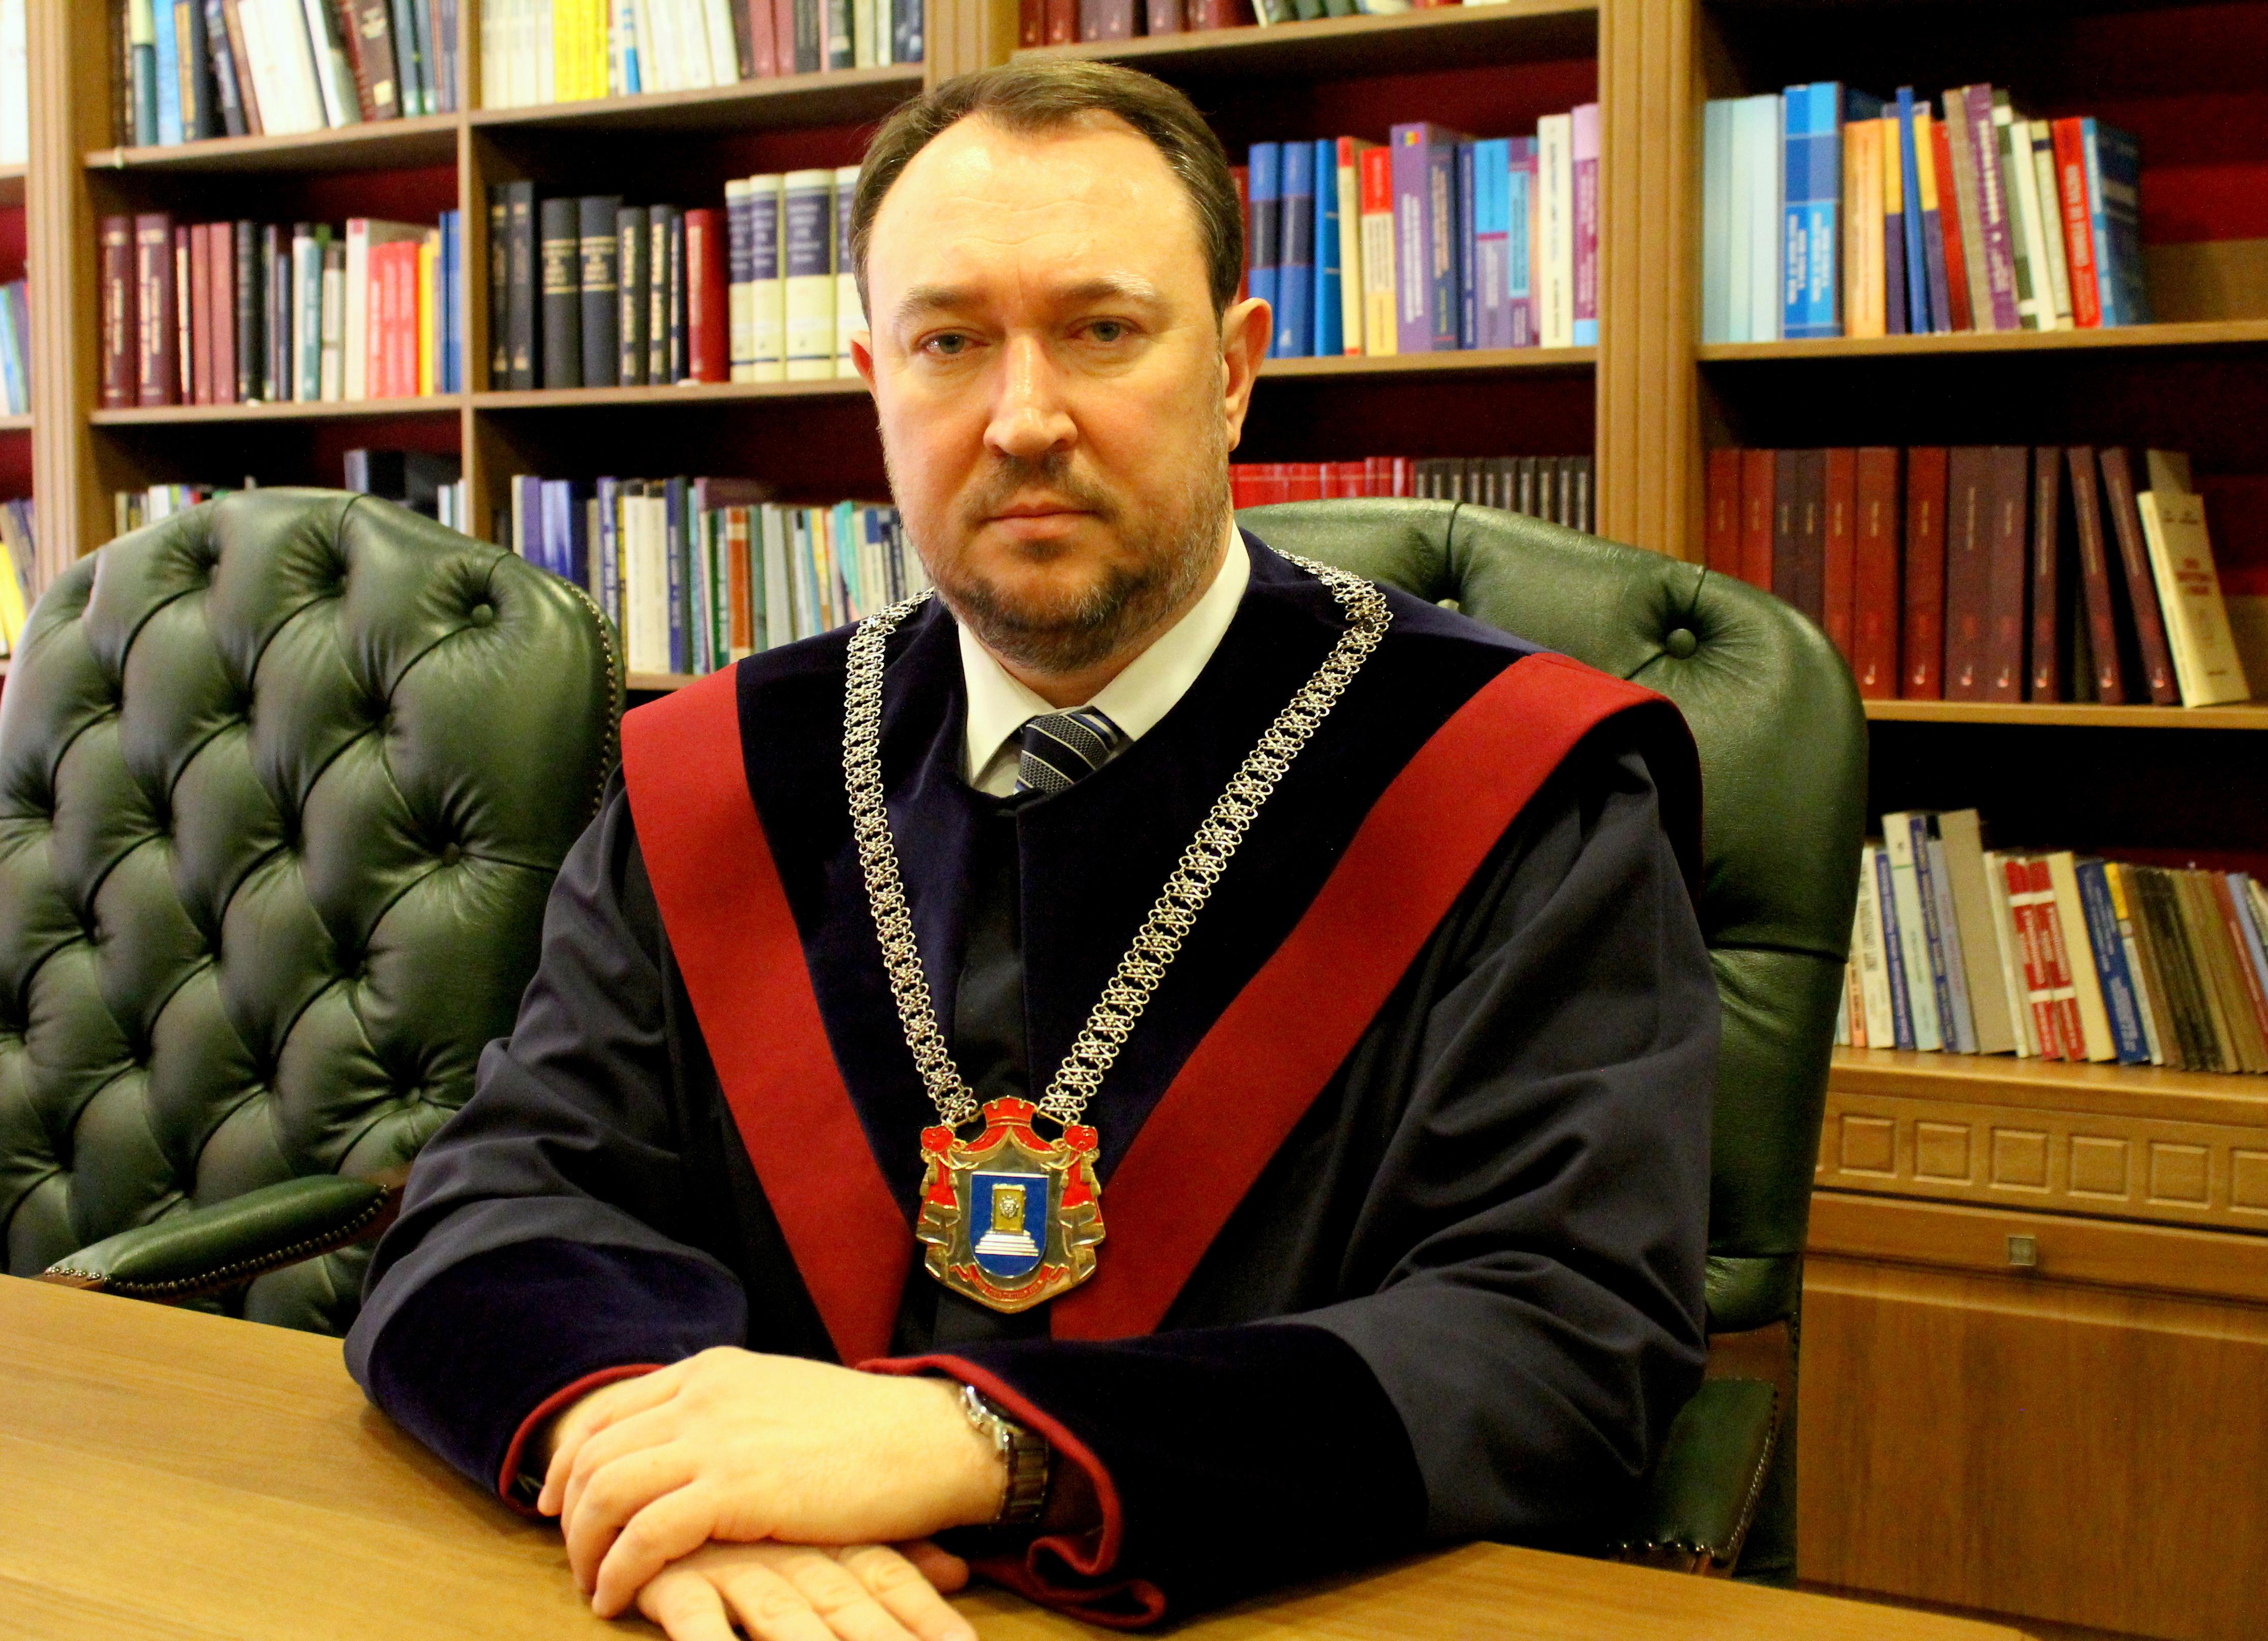 Fostul ministru al Justiției de la Chișinău, Alexandru Tănase, a demisionat în mod controversat